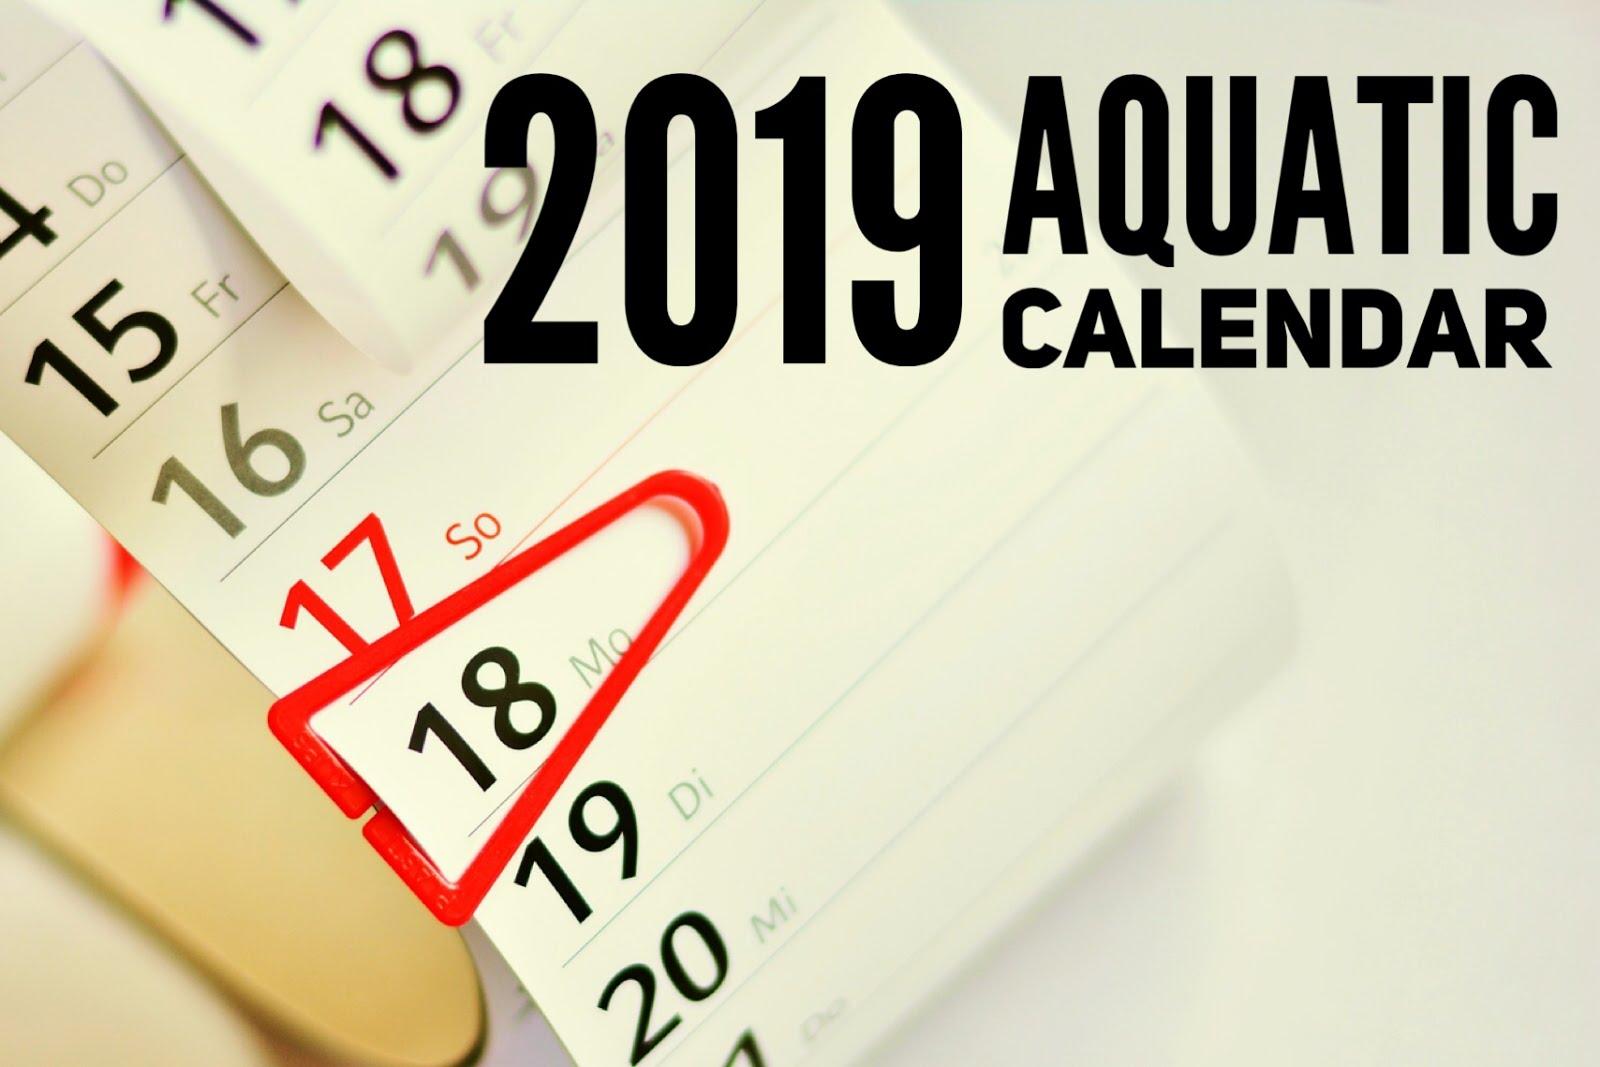 2019 Aquatic Calendar